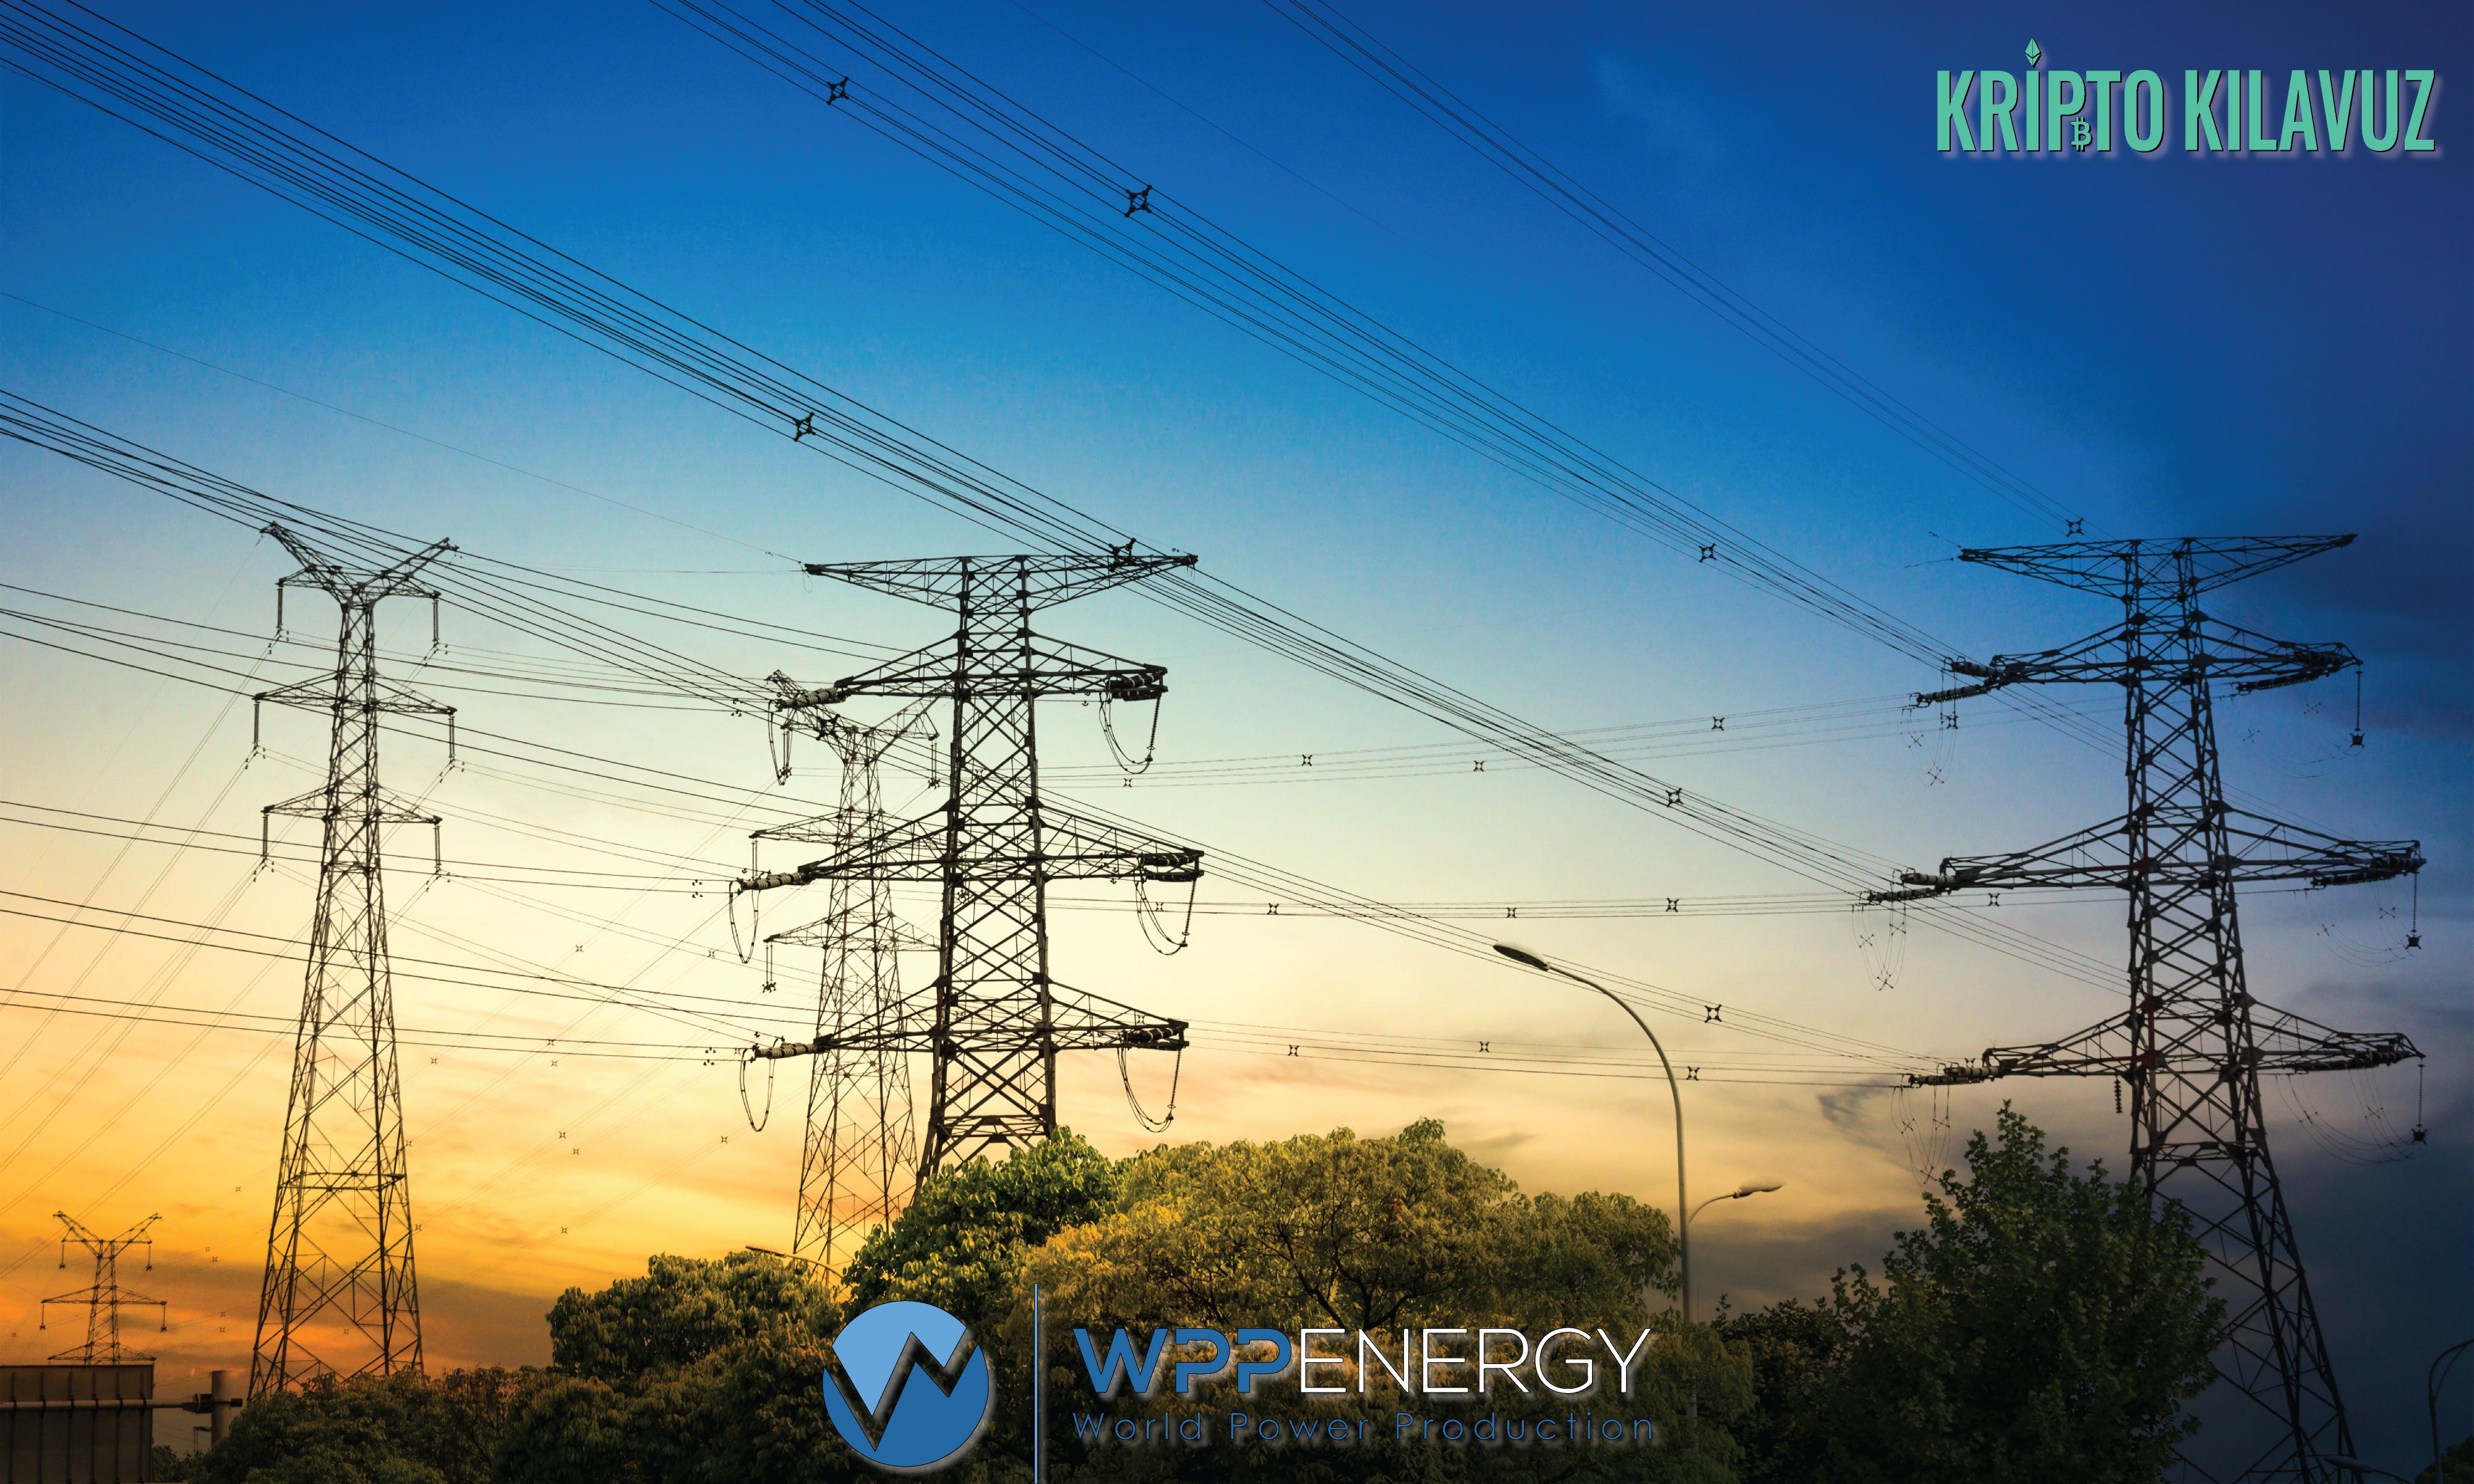 İCO İncelemesi - WPP Energy